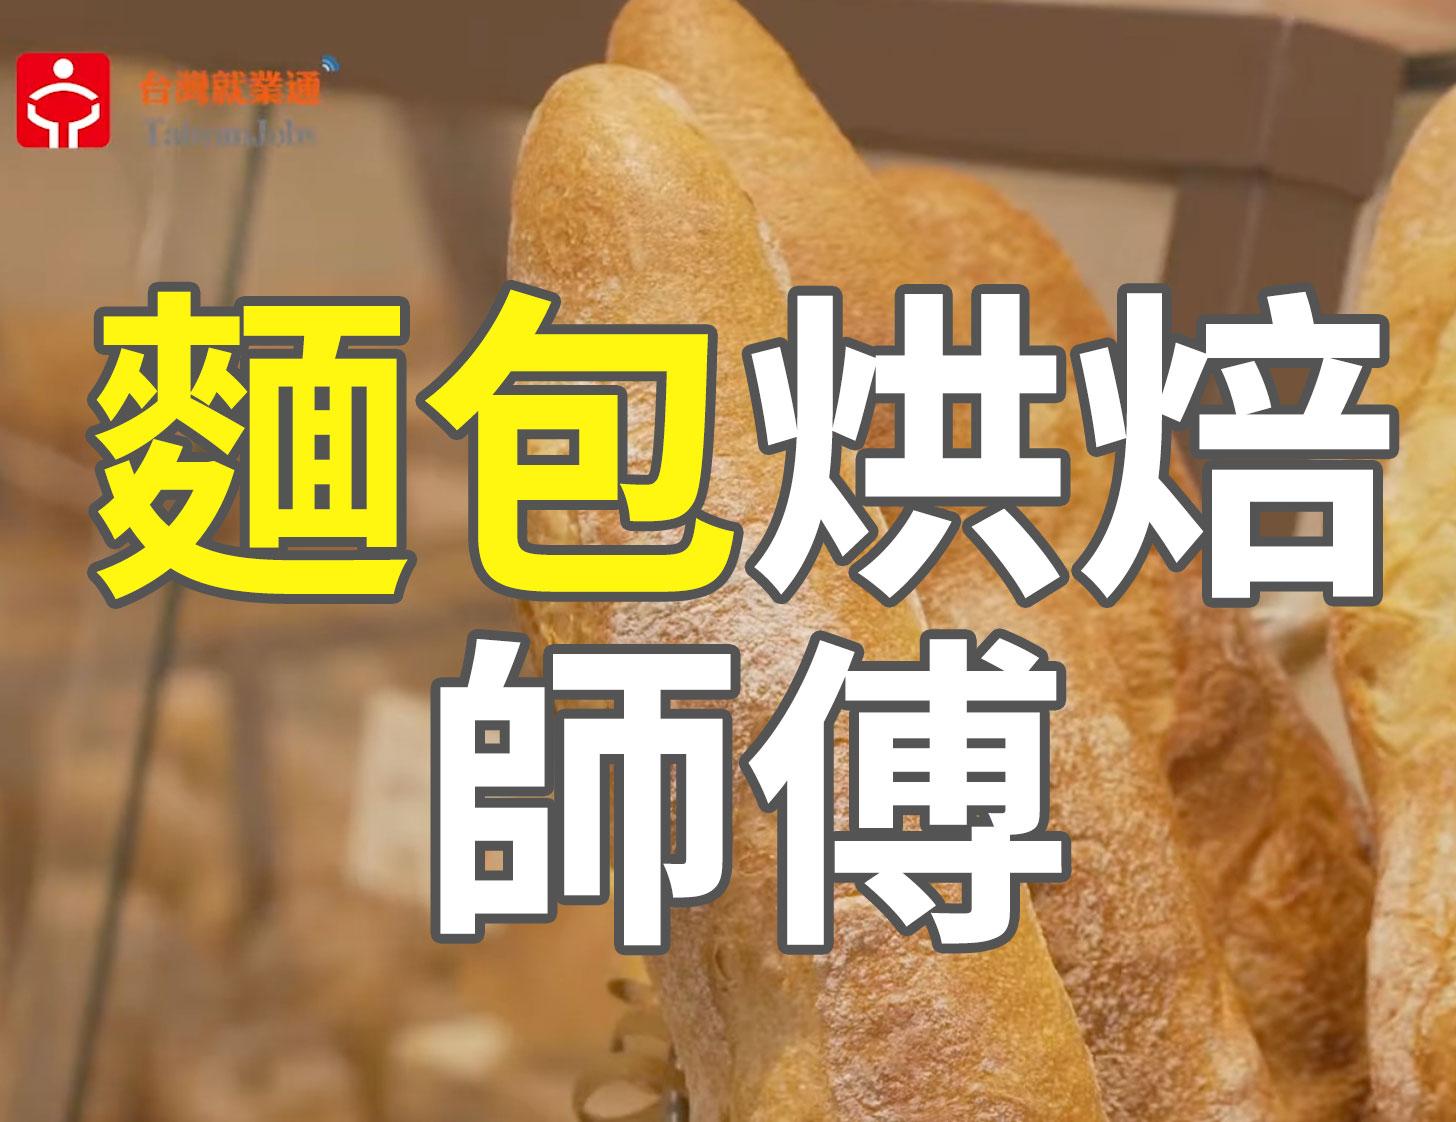 麵包烘焙師傅_布列德麵包|賈伯斯時間- 職場達人的一天